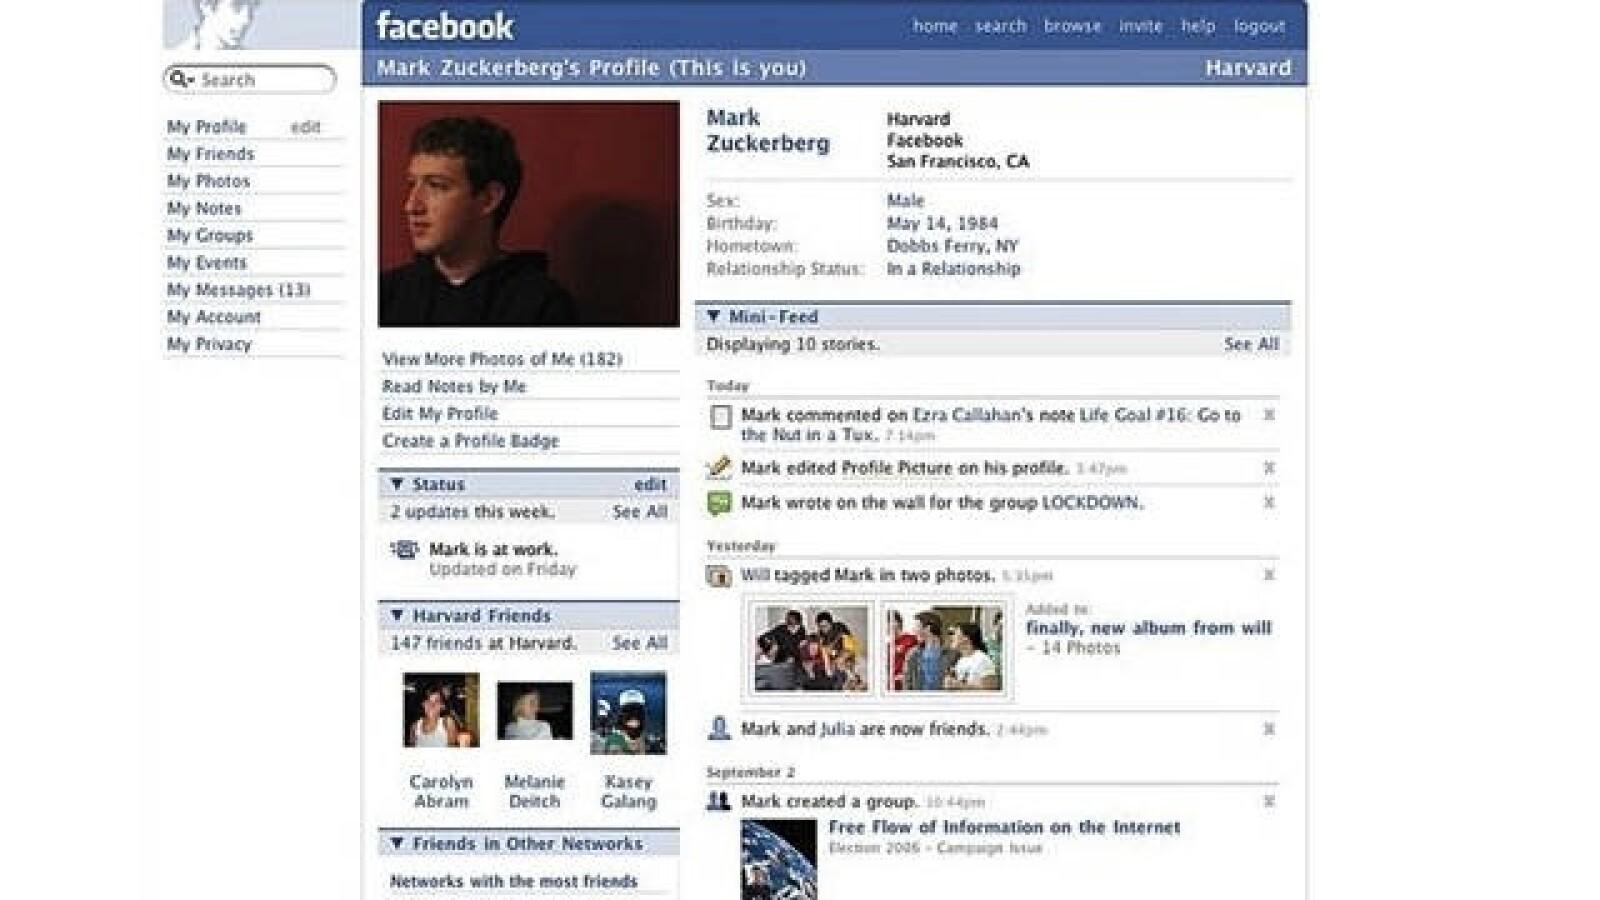 seprtiembre 2005 facebook.com